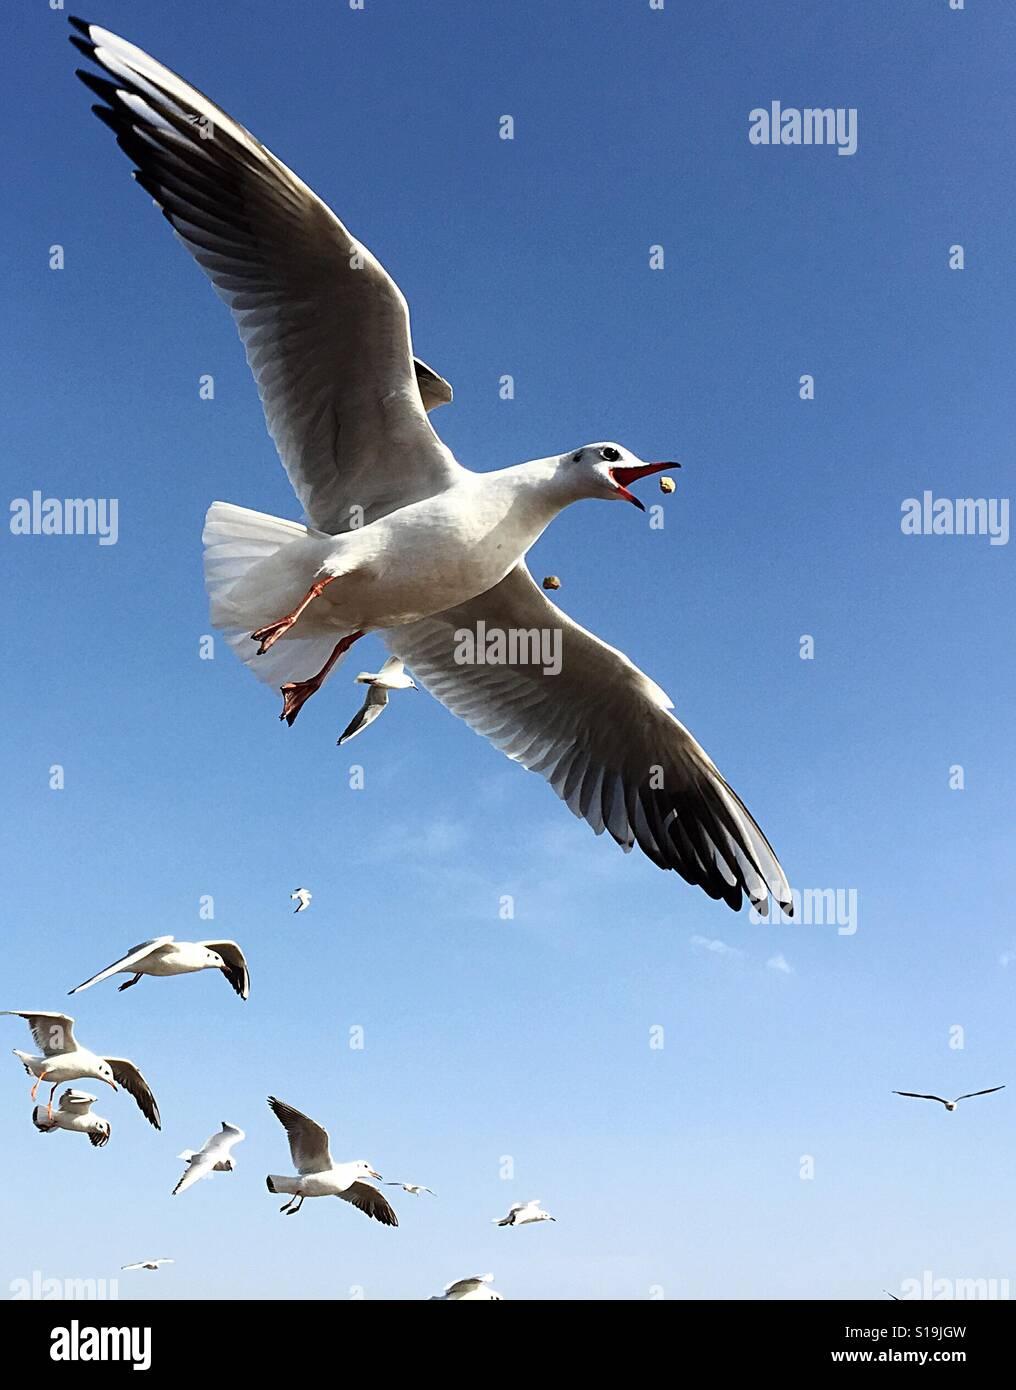 Las gaviotas intentando capturar sus alimentos Foto de stock